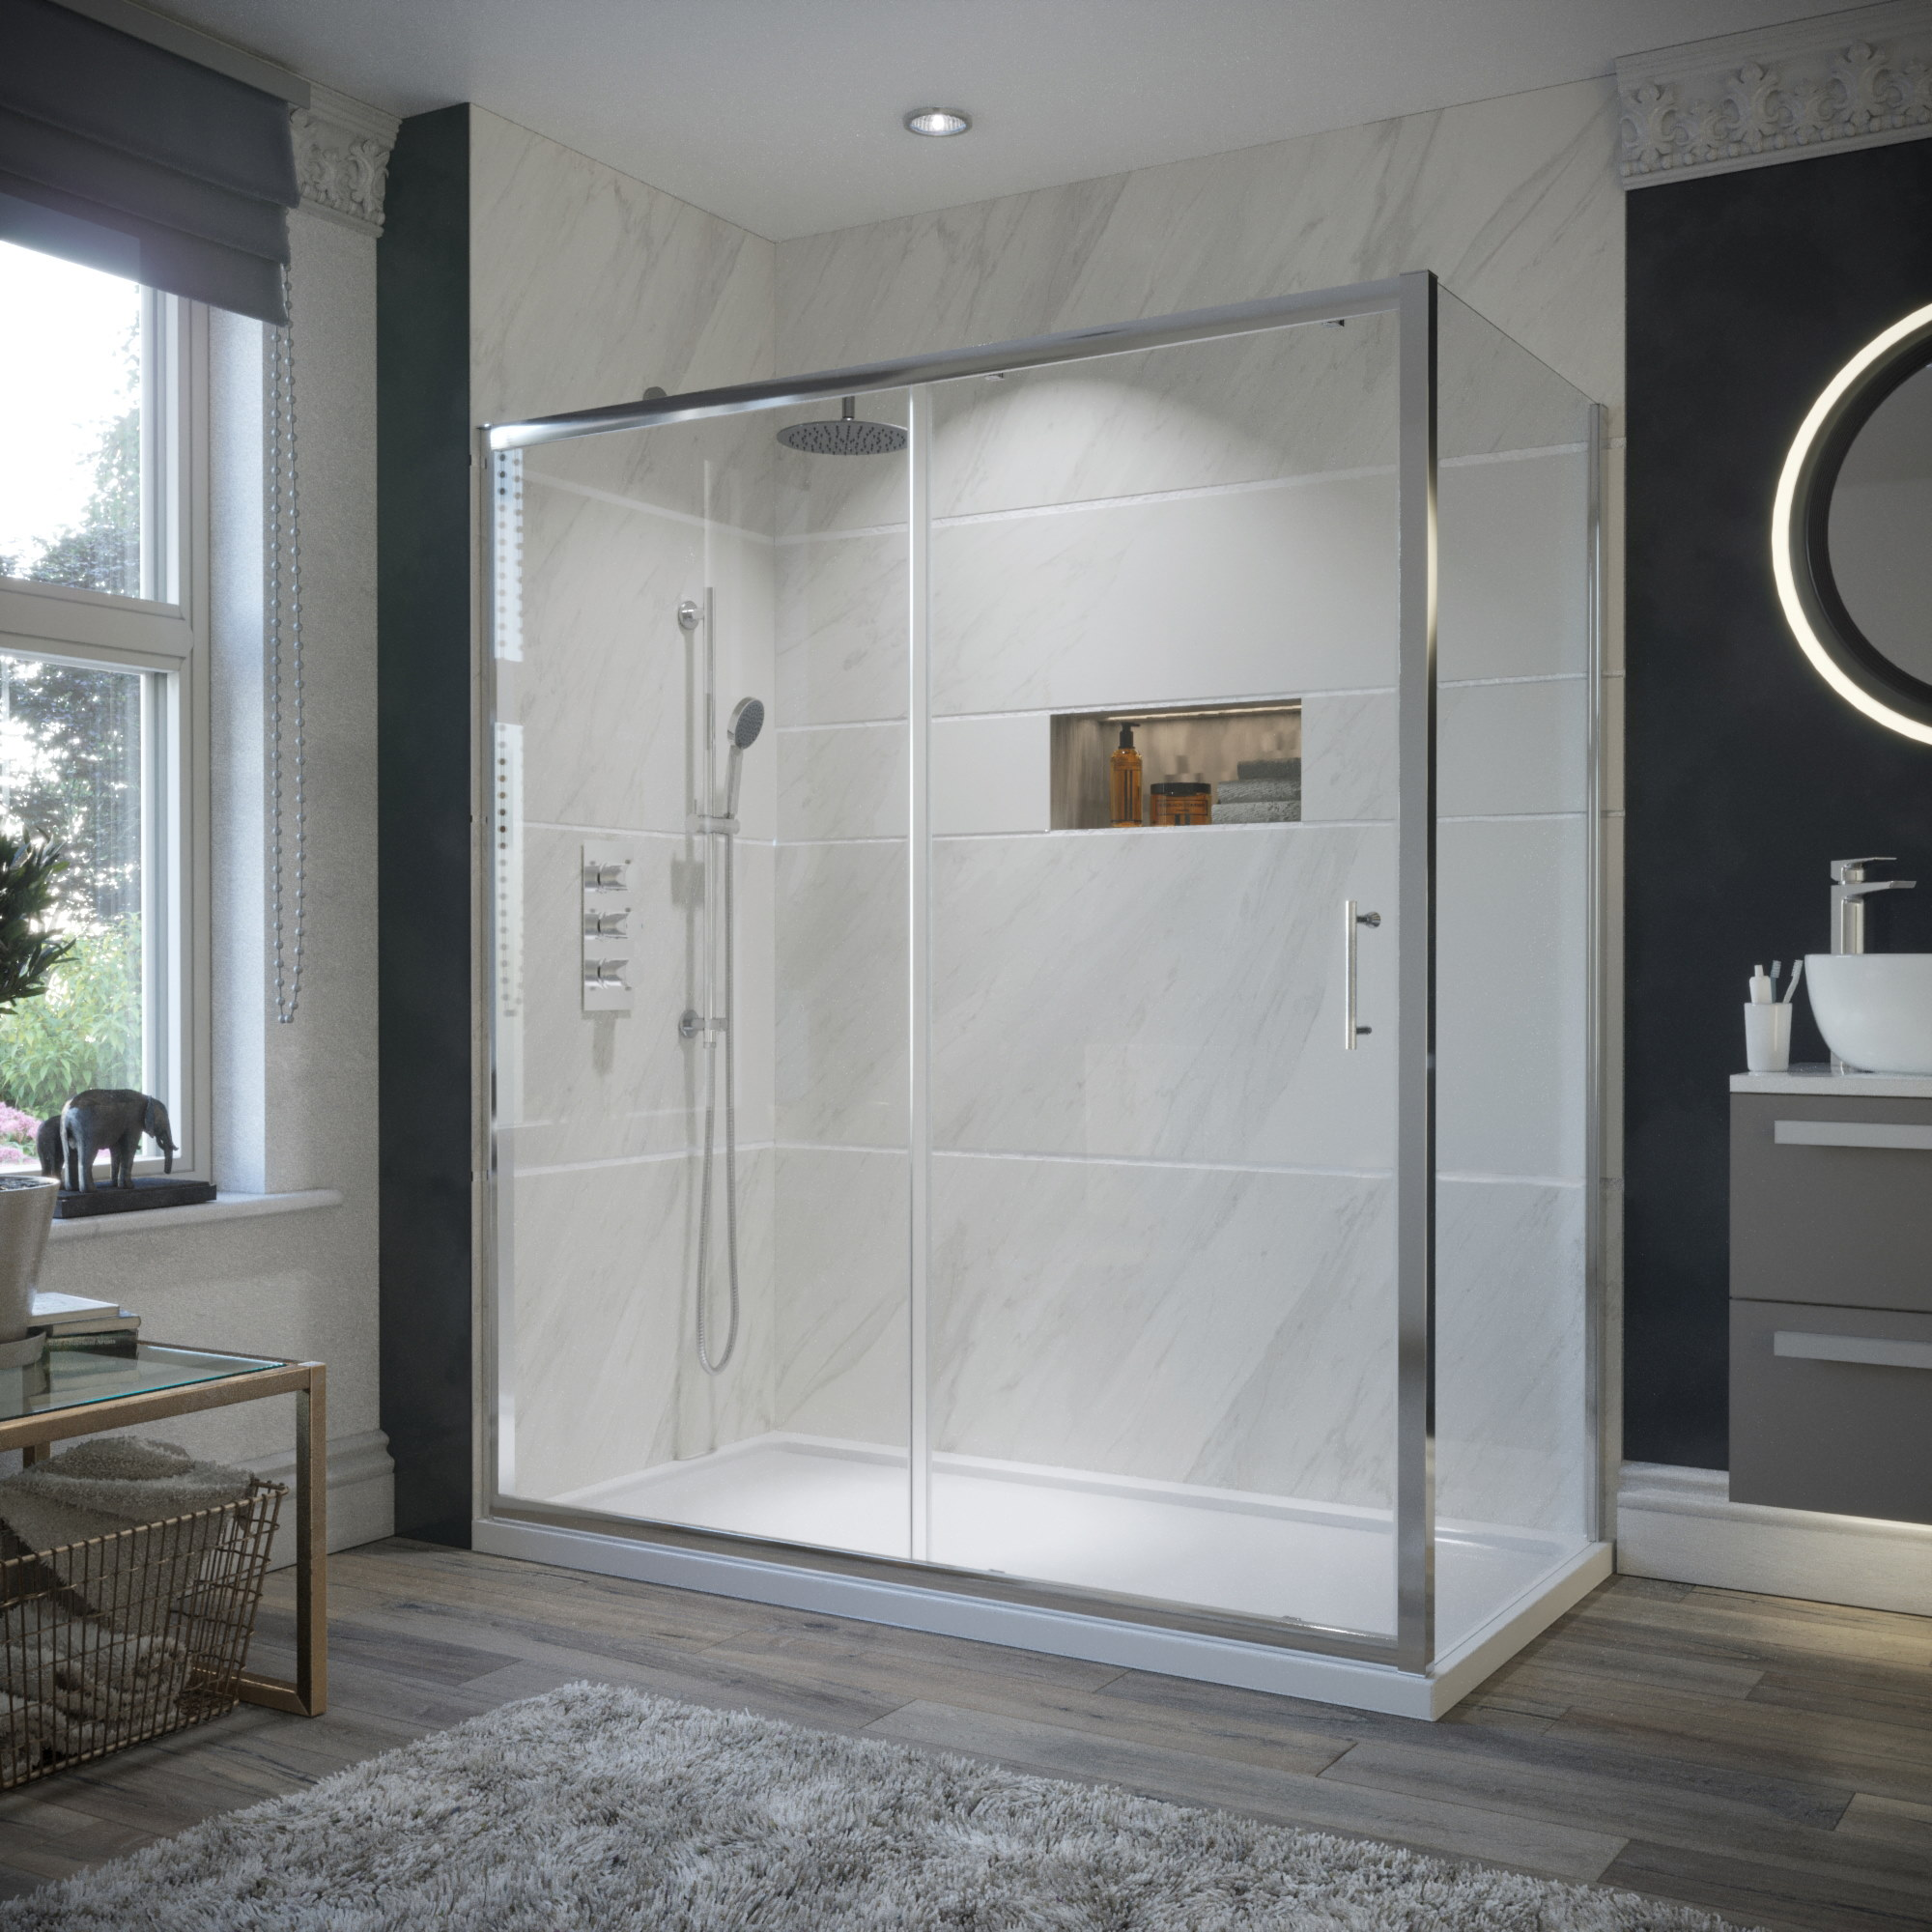 X for 1700 high shower door